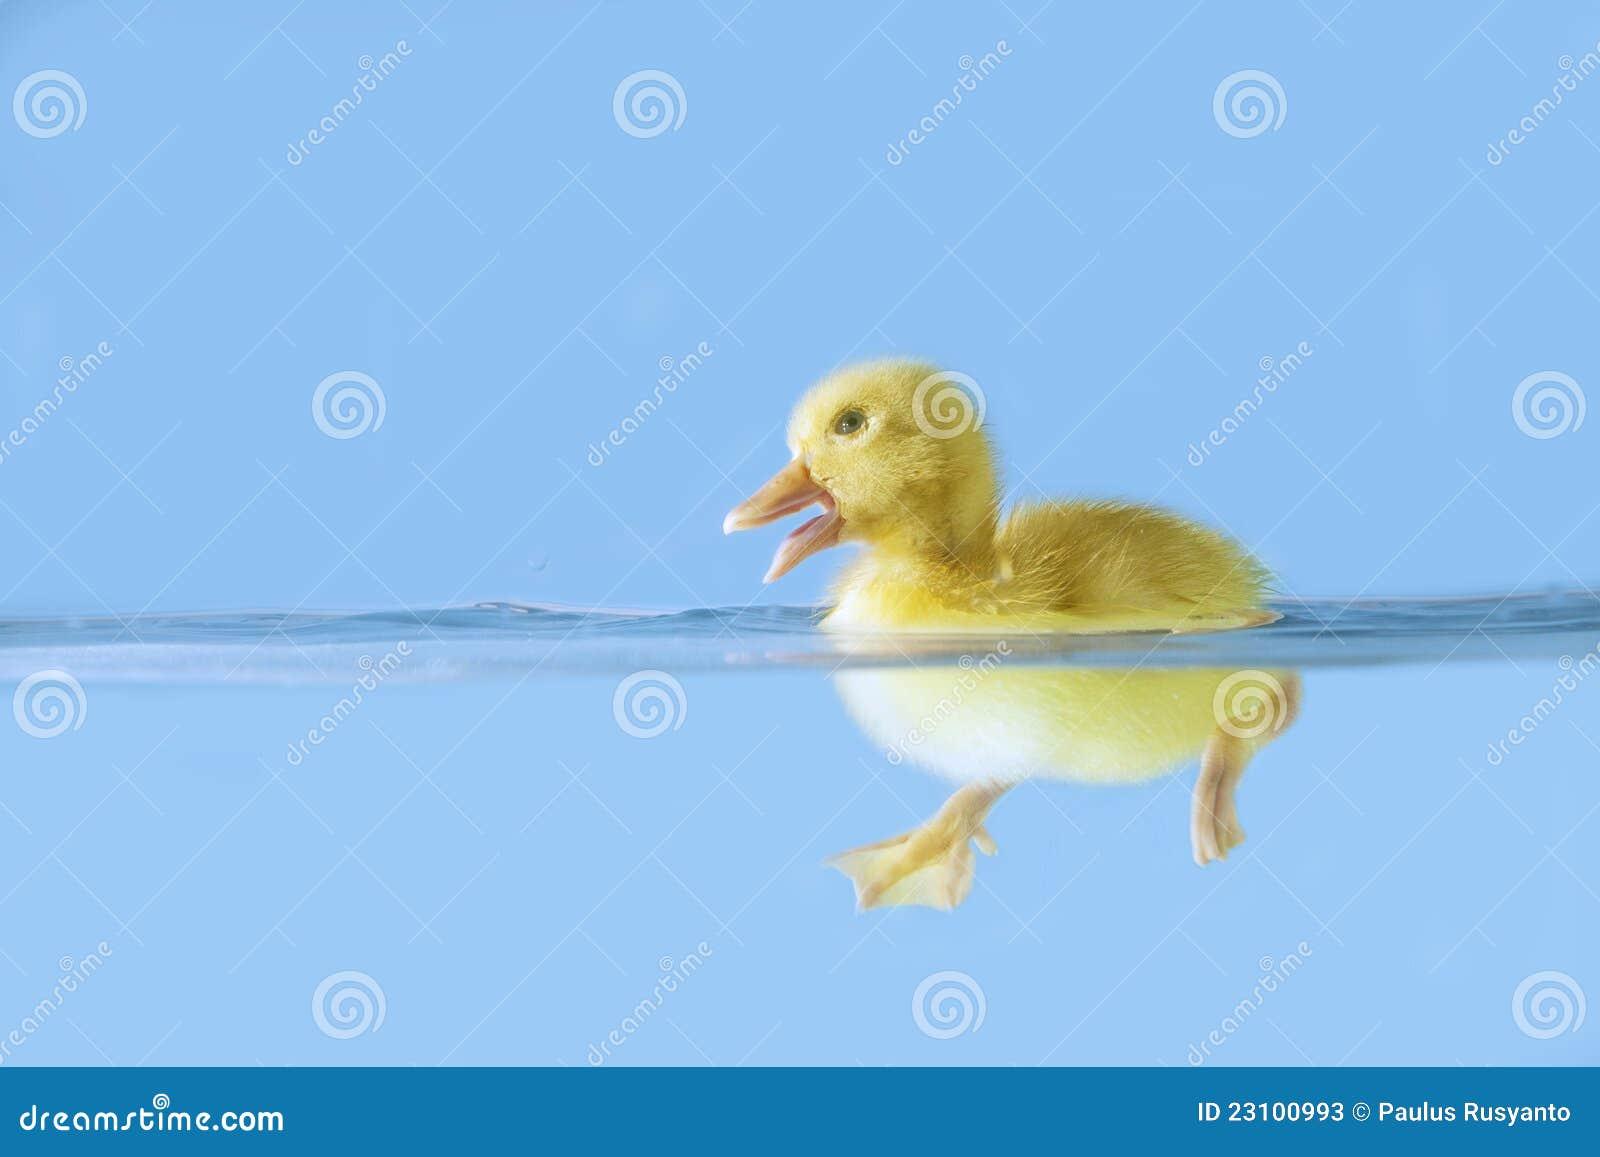 Cute duck swiming on water